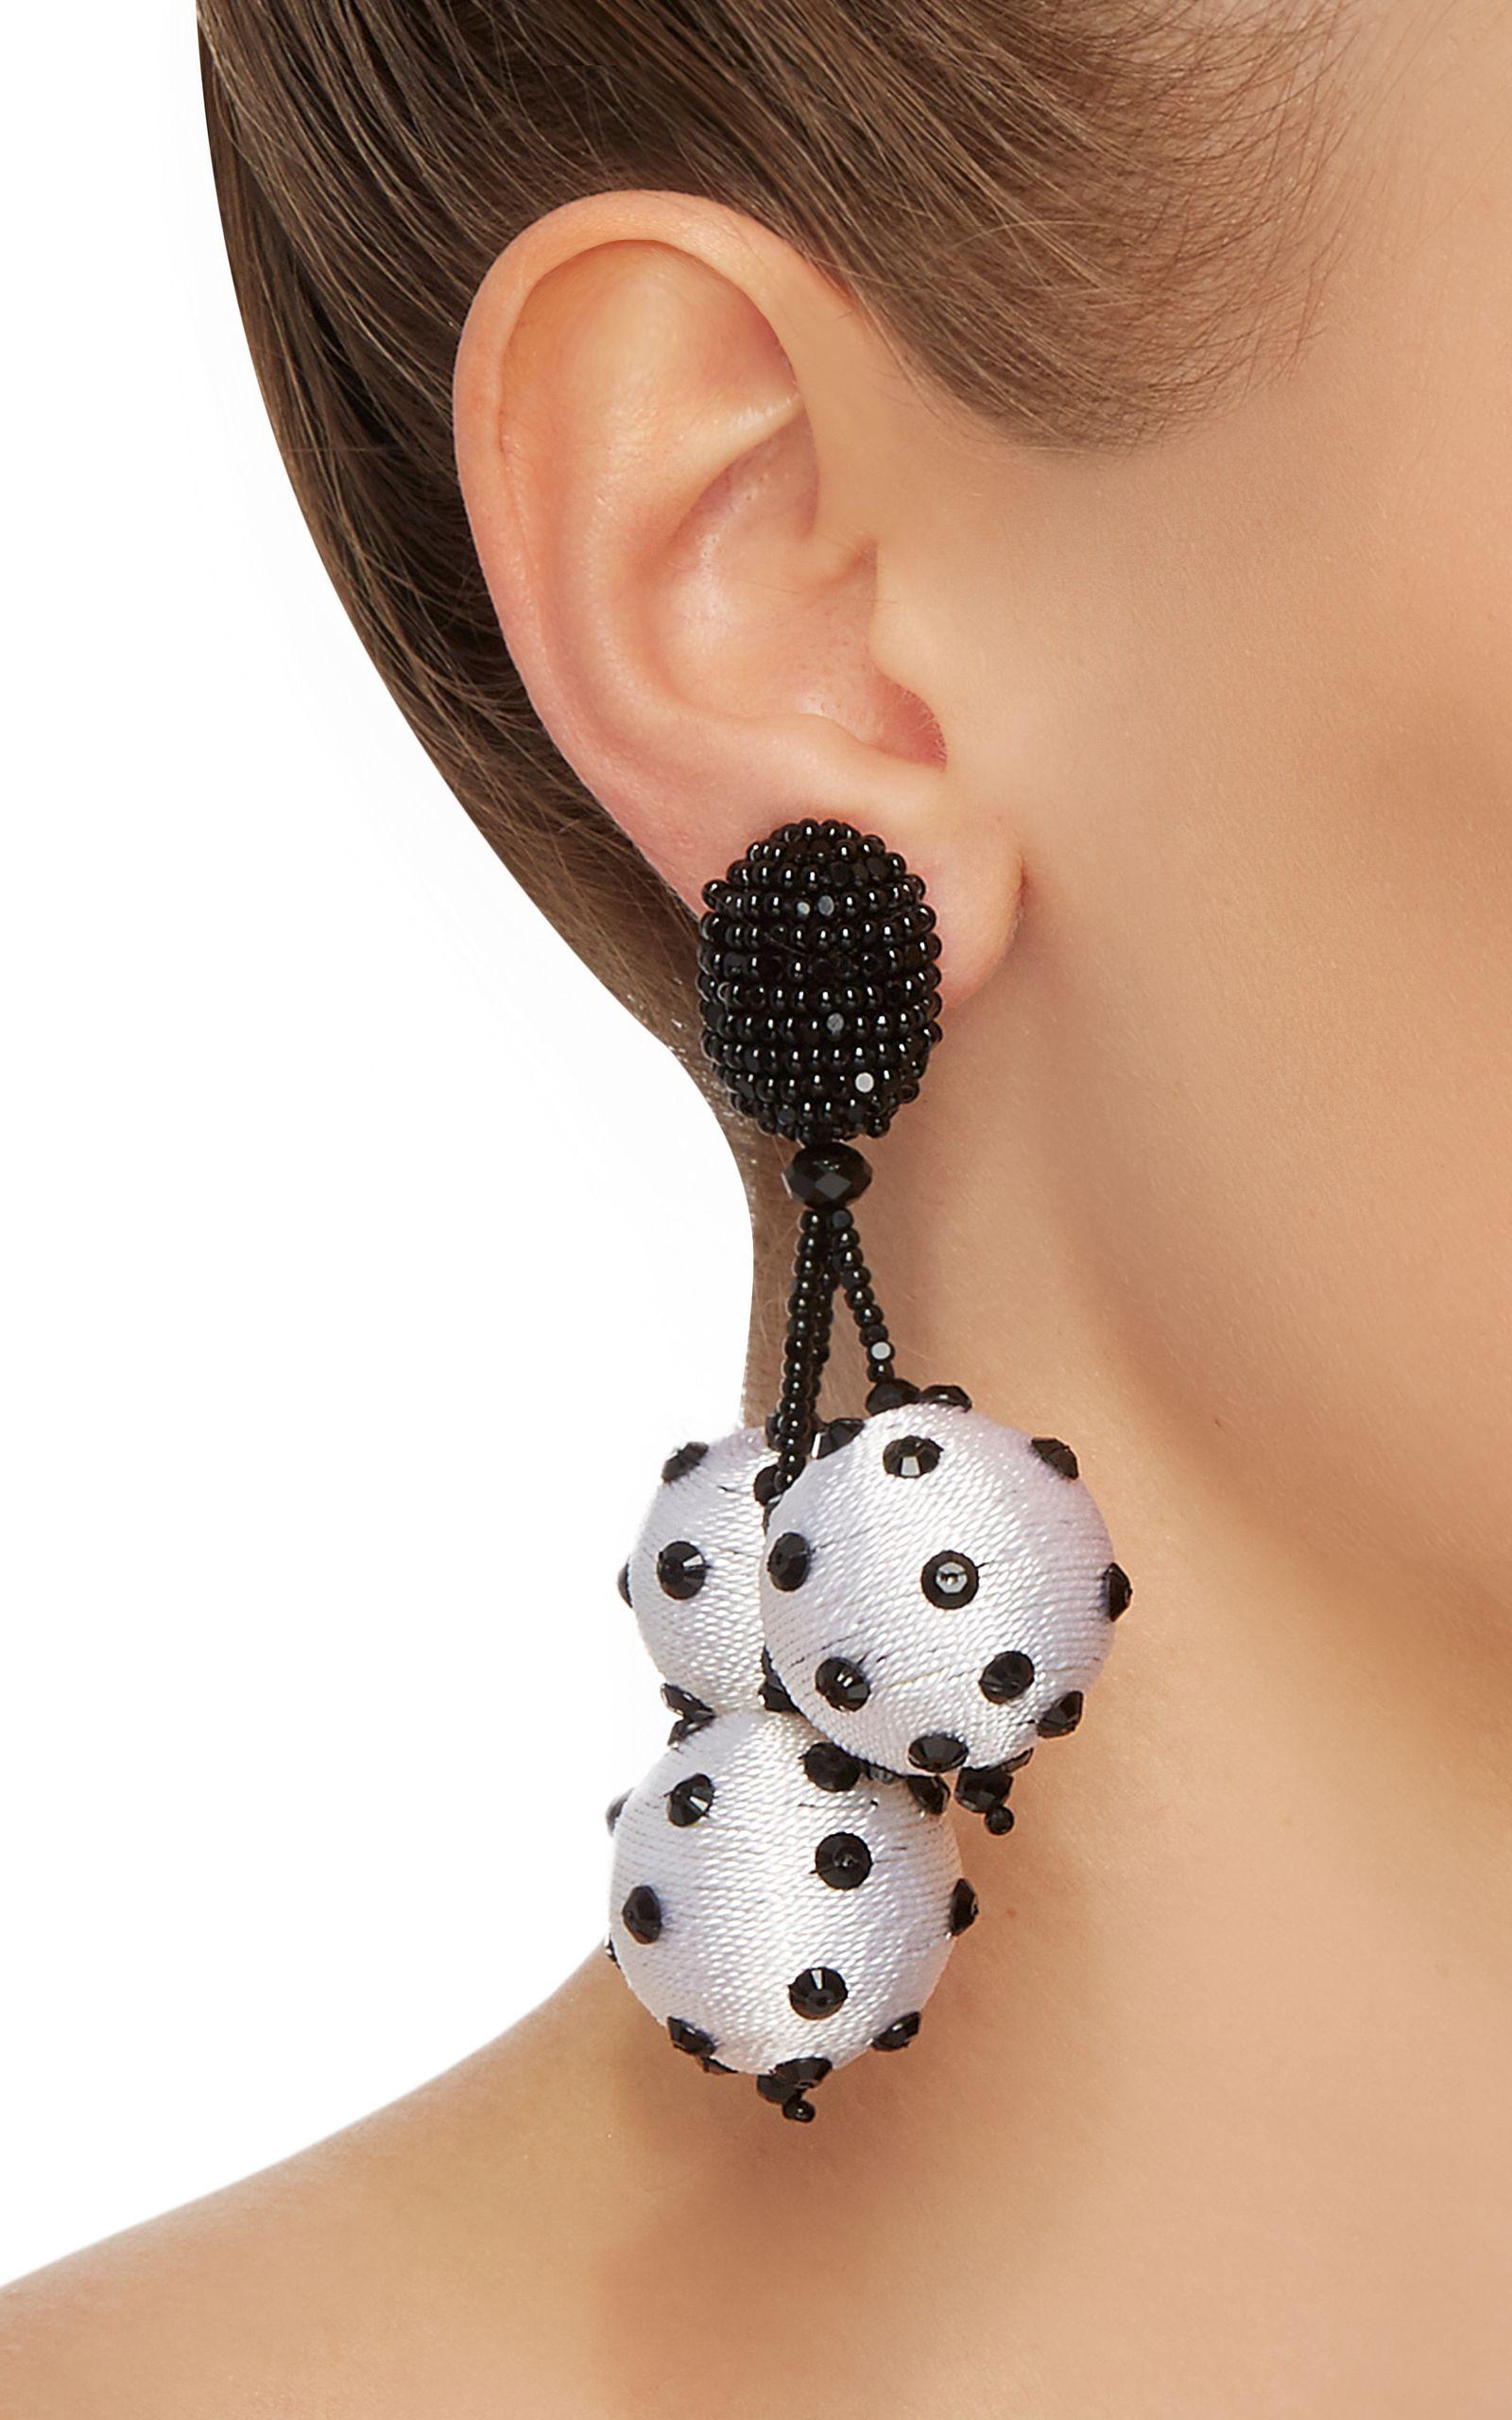 oscar de la renta triple ball polka dot earrings | unusual